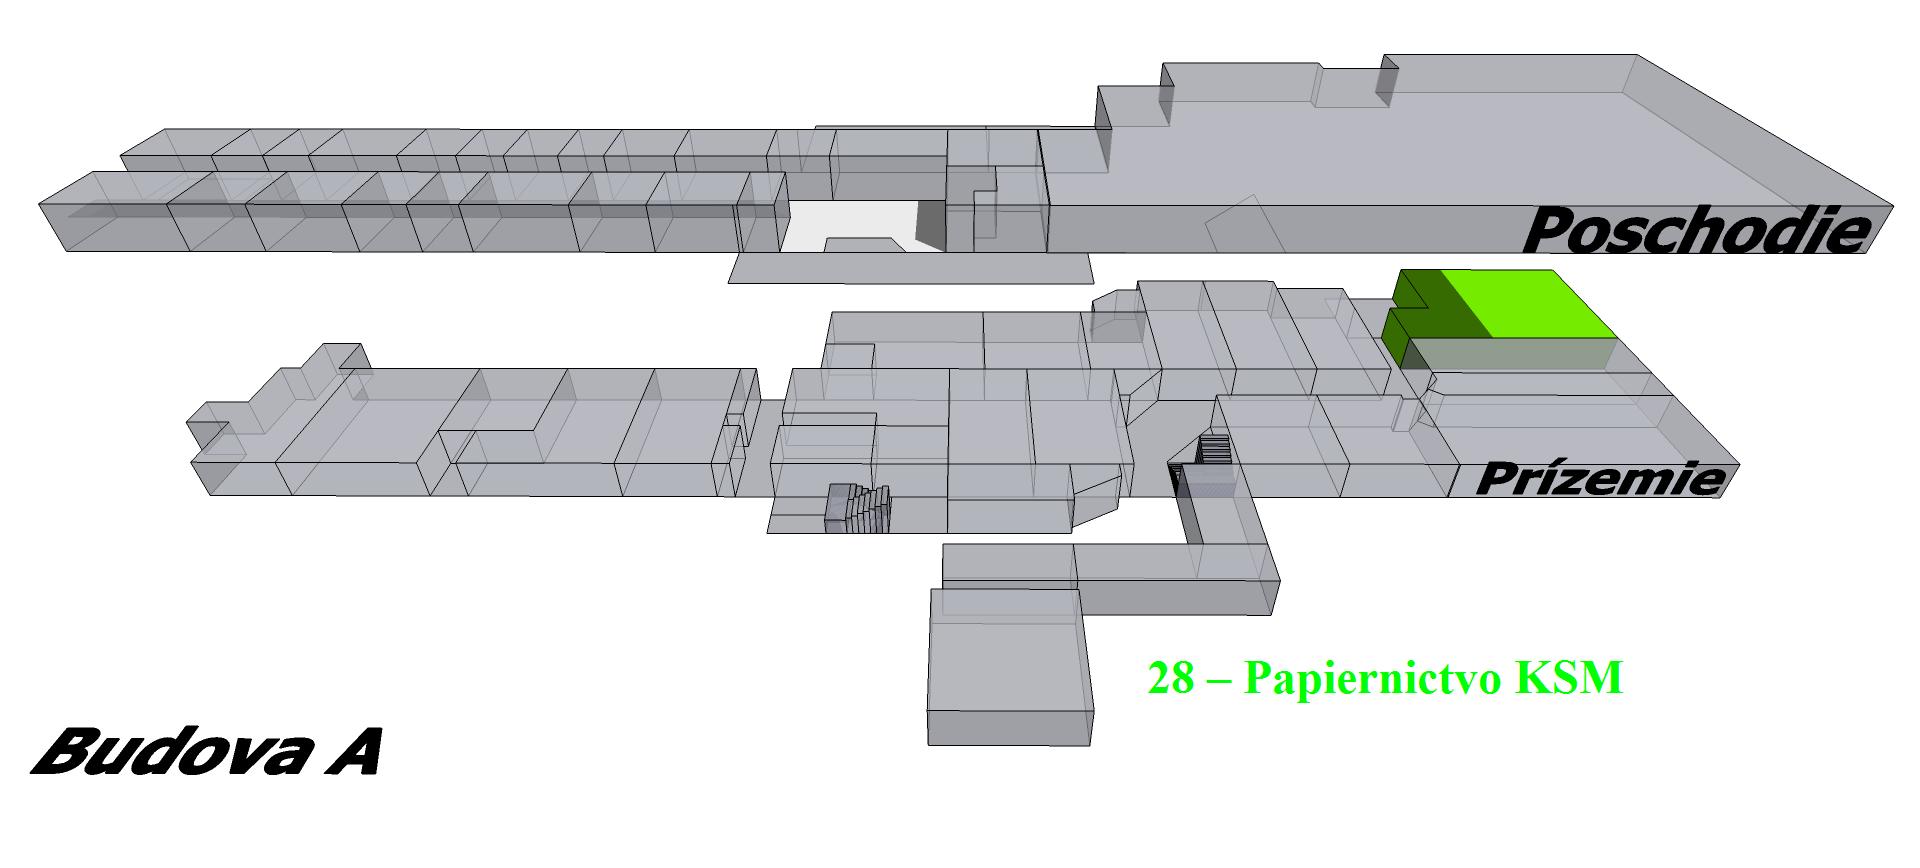 e9f656451a 28 Papiernictvo KSM budova A prízemie s u